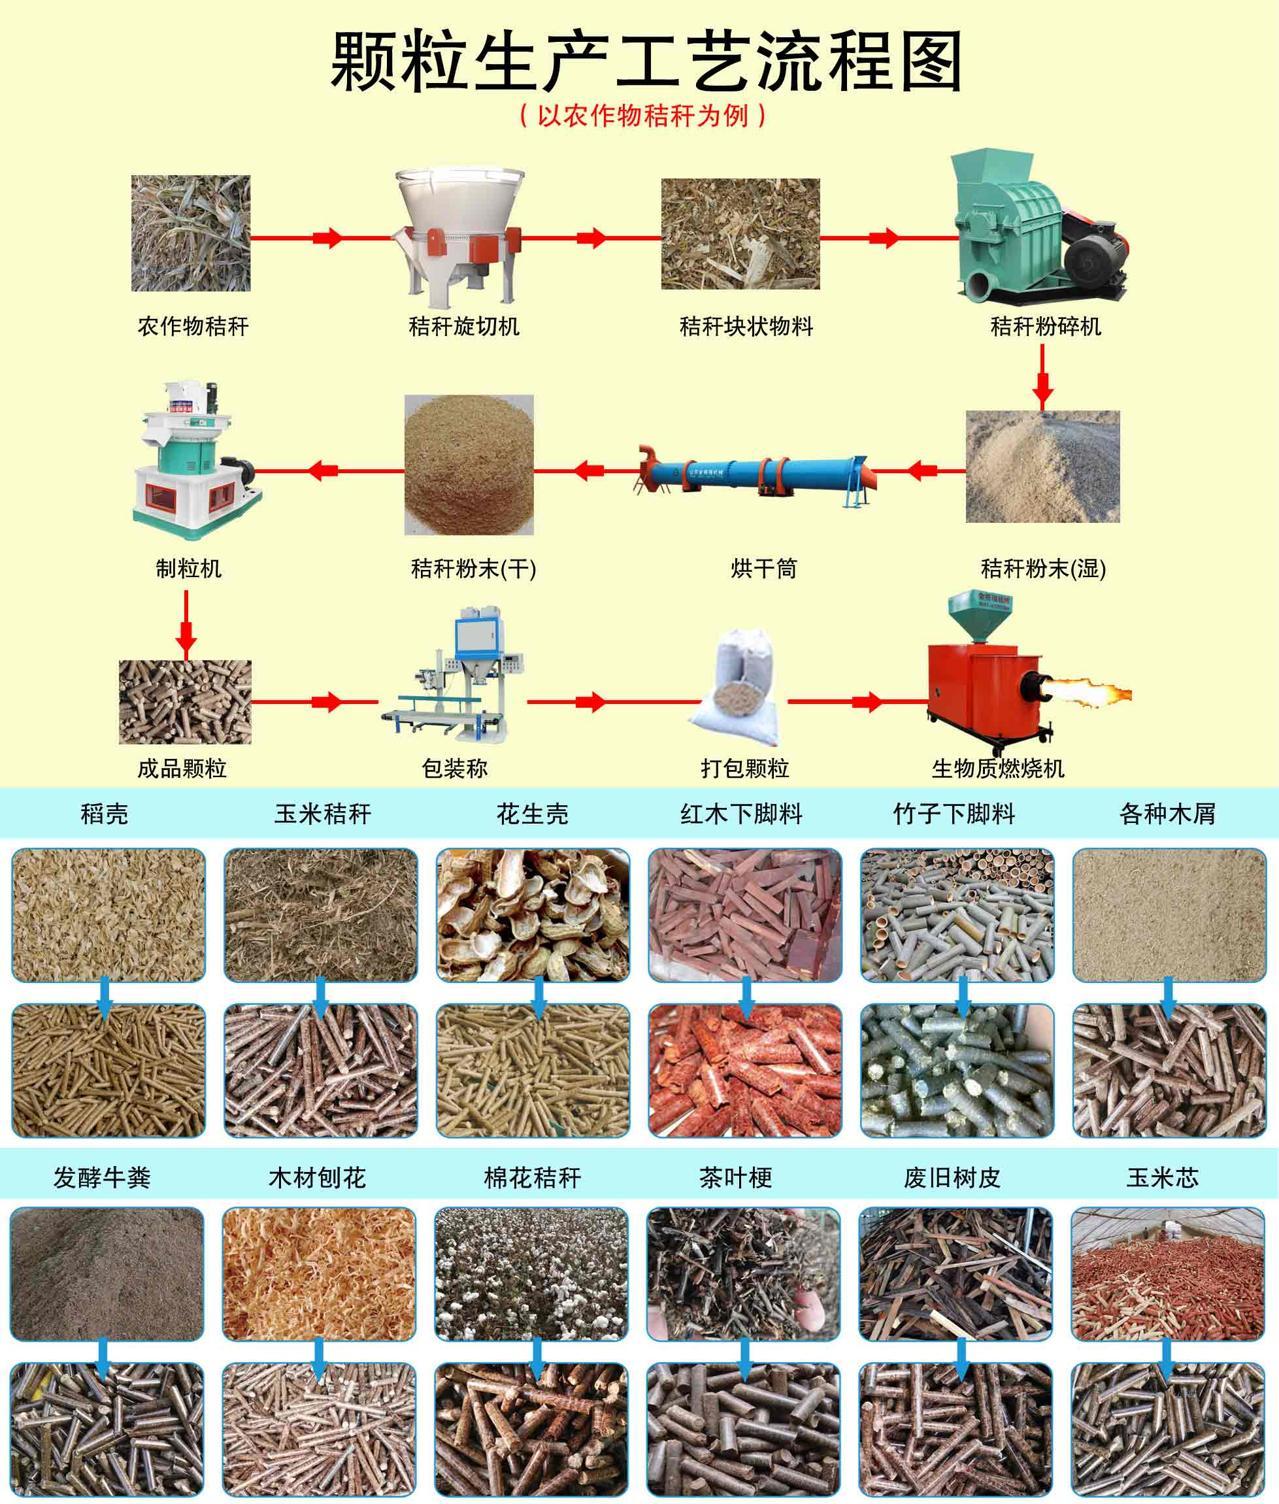 颗粒生产工艺流程图